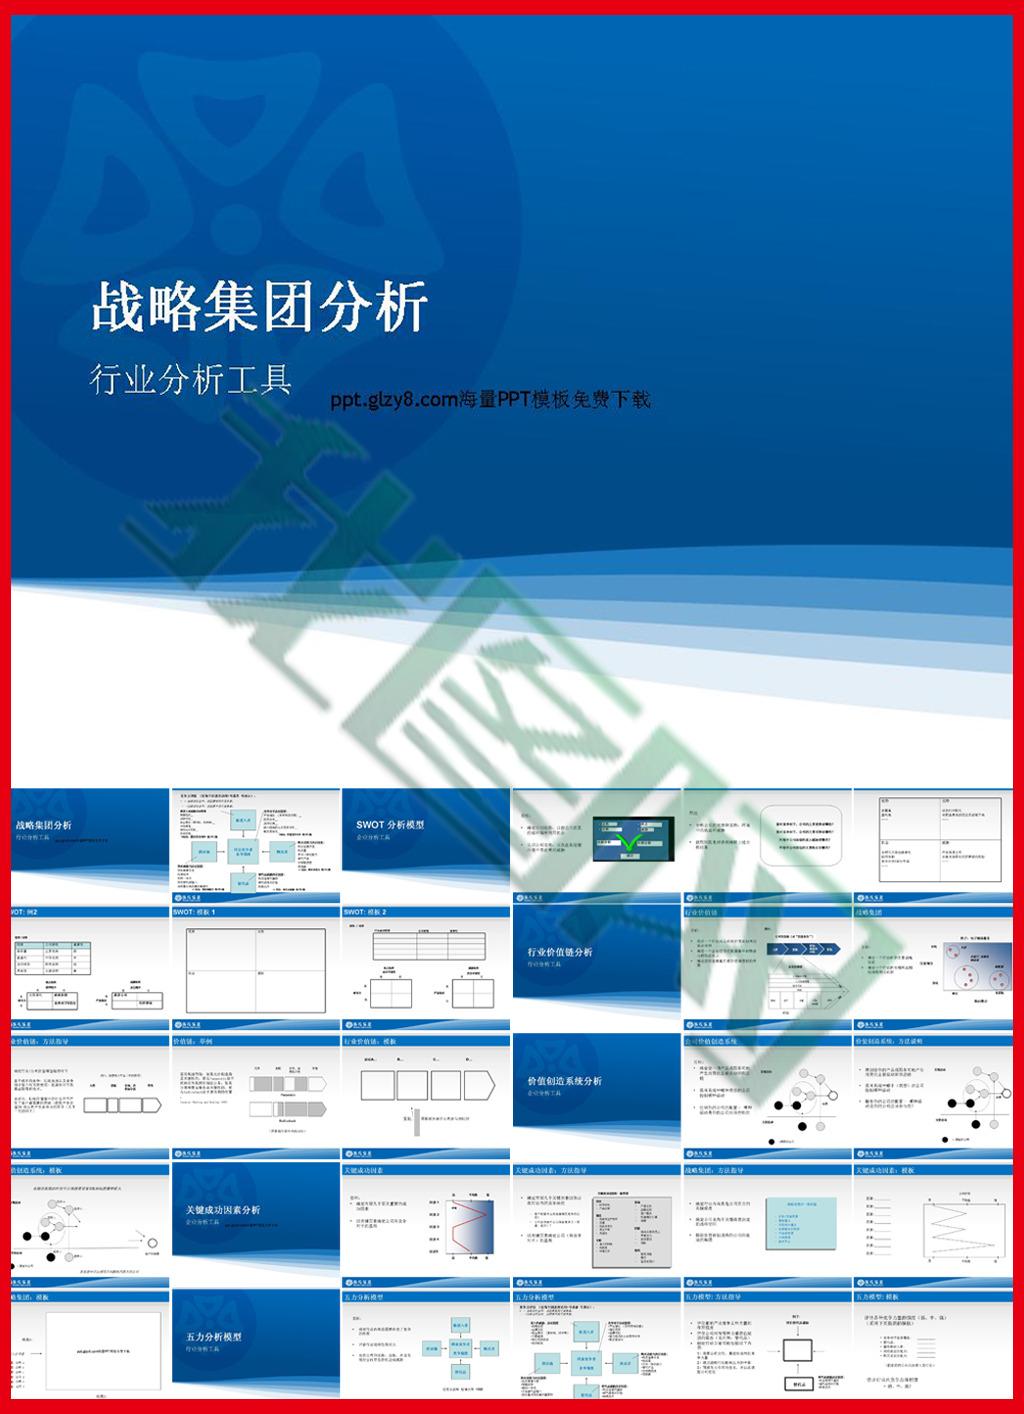 集团公司企业战略分析ppt模板下载